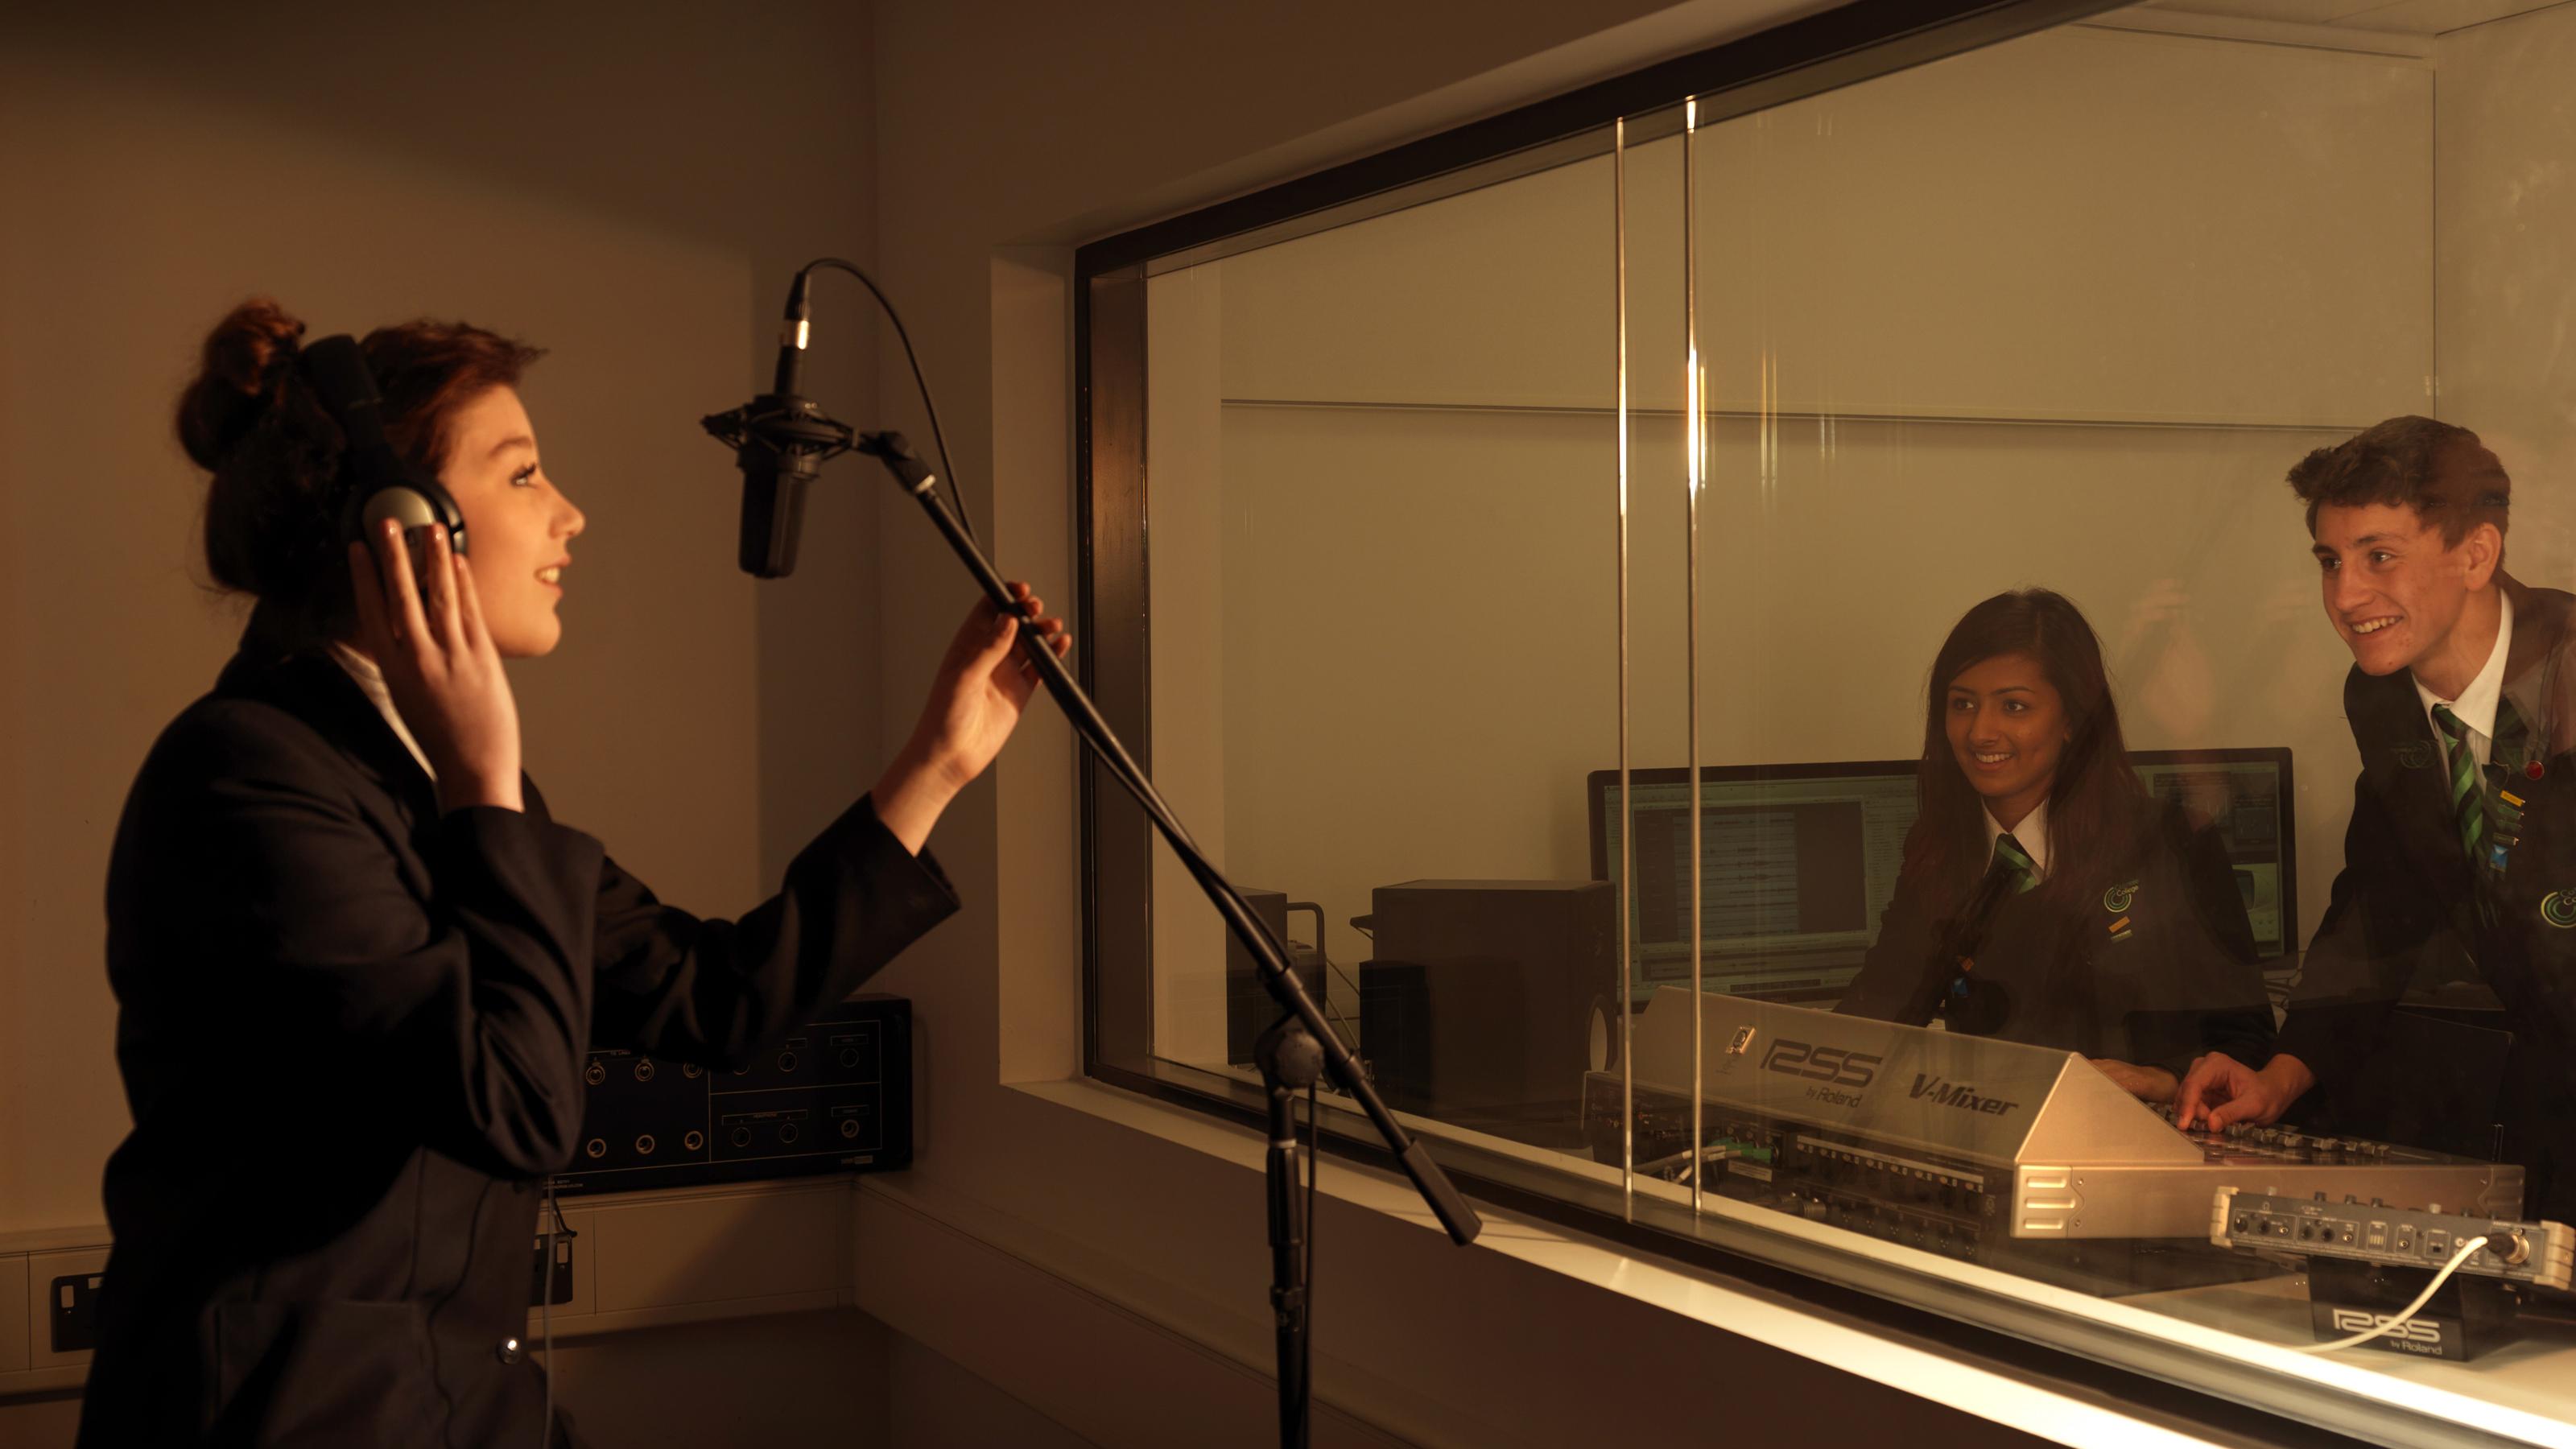 Sing Recording Studio : singing in recording studio catmose principal ~ Vivirlamusica.com Haus und Dekorationen